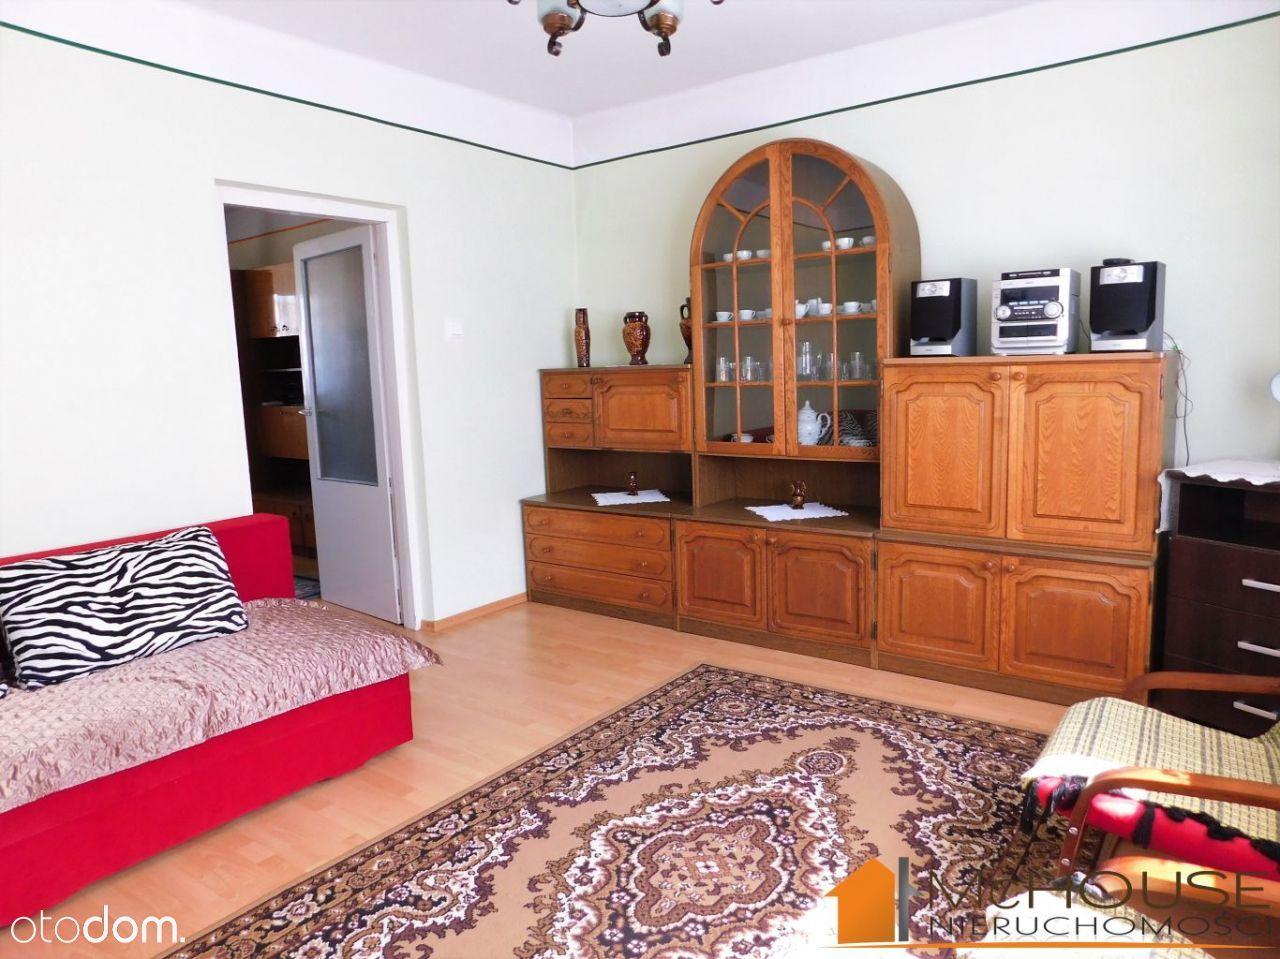 Dom na sprzedaż, Grabowa, staszowski, świętokrzyskie - Foto 4